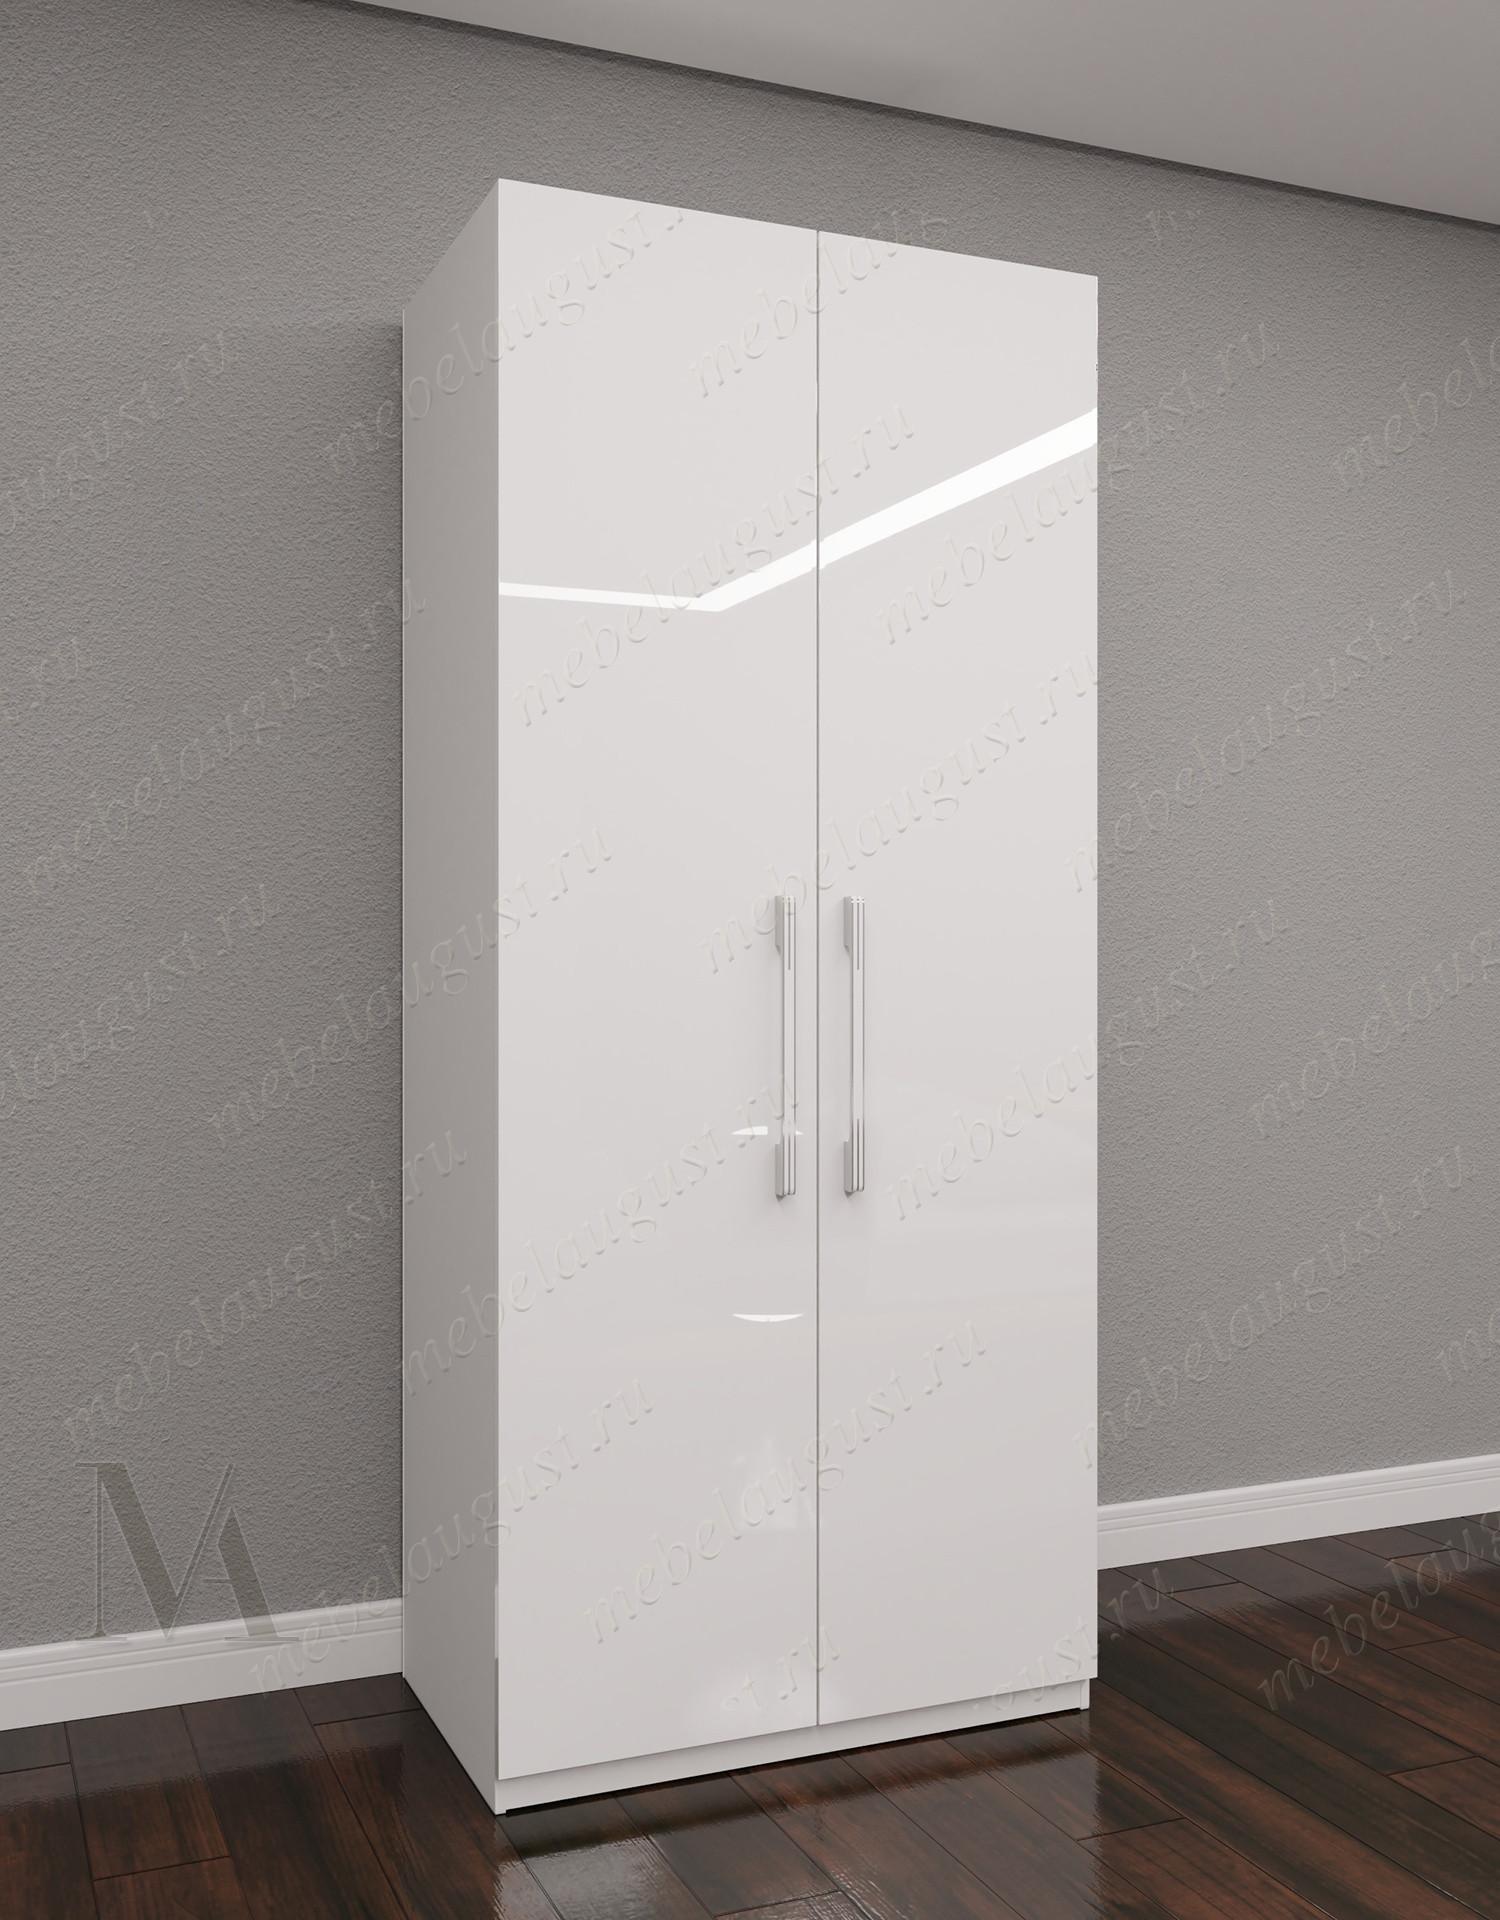 Двухстворчатый распашной шкаф для одежды в спальню